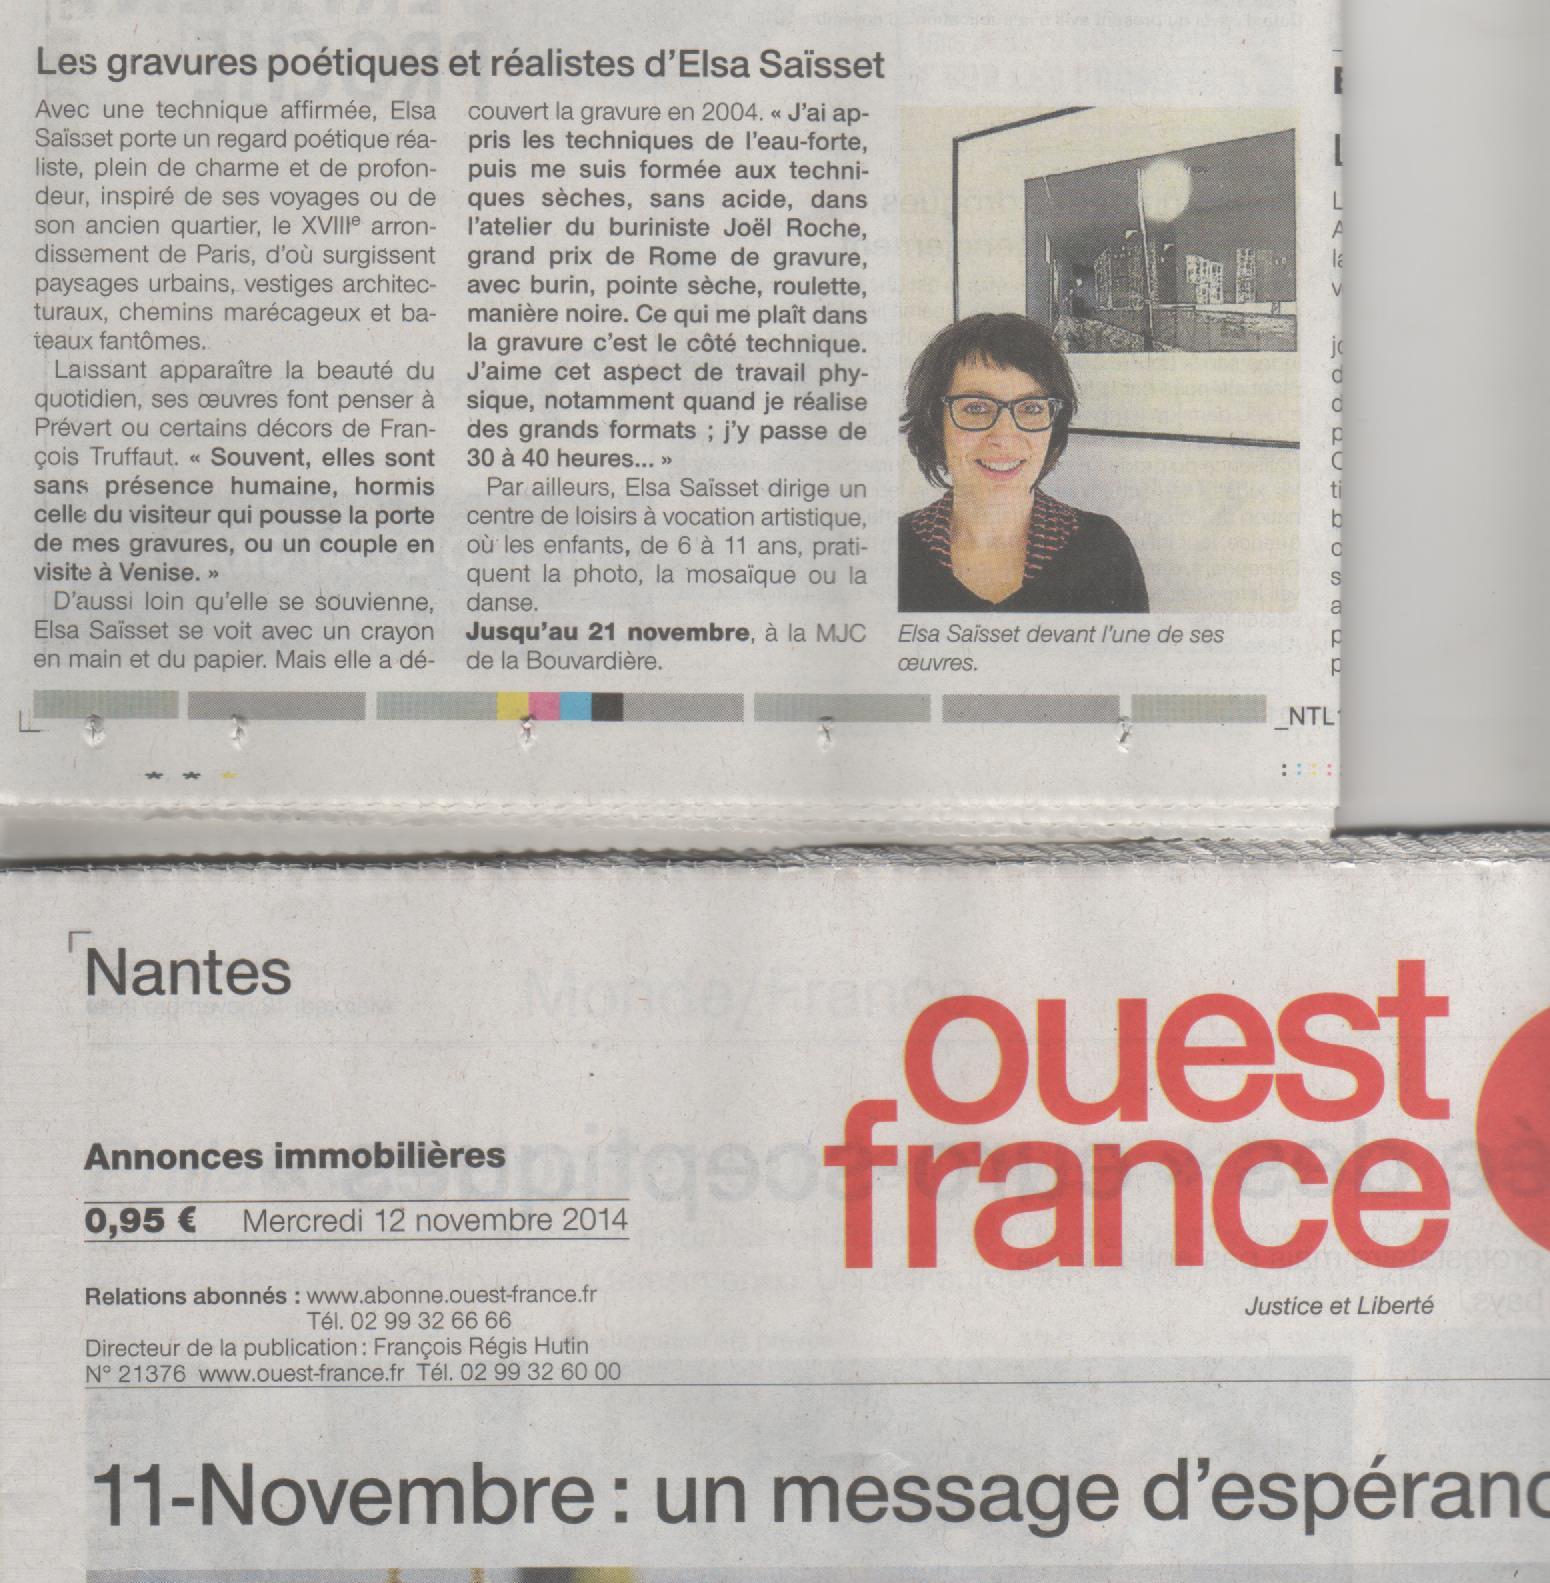 Ouest_France_Elsa_Saïsset_11nov2014